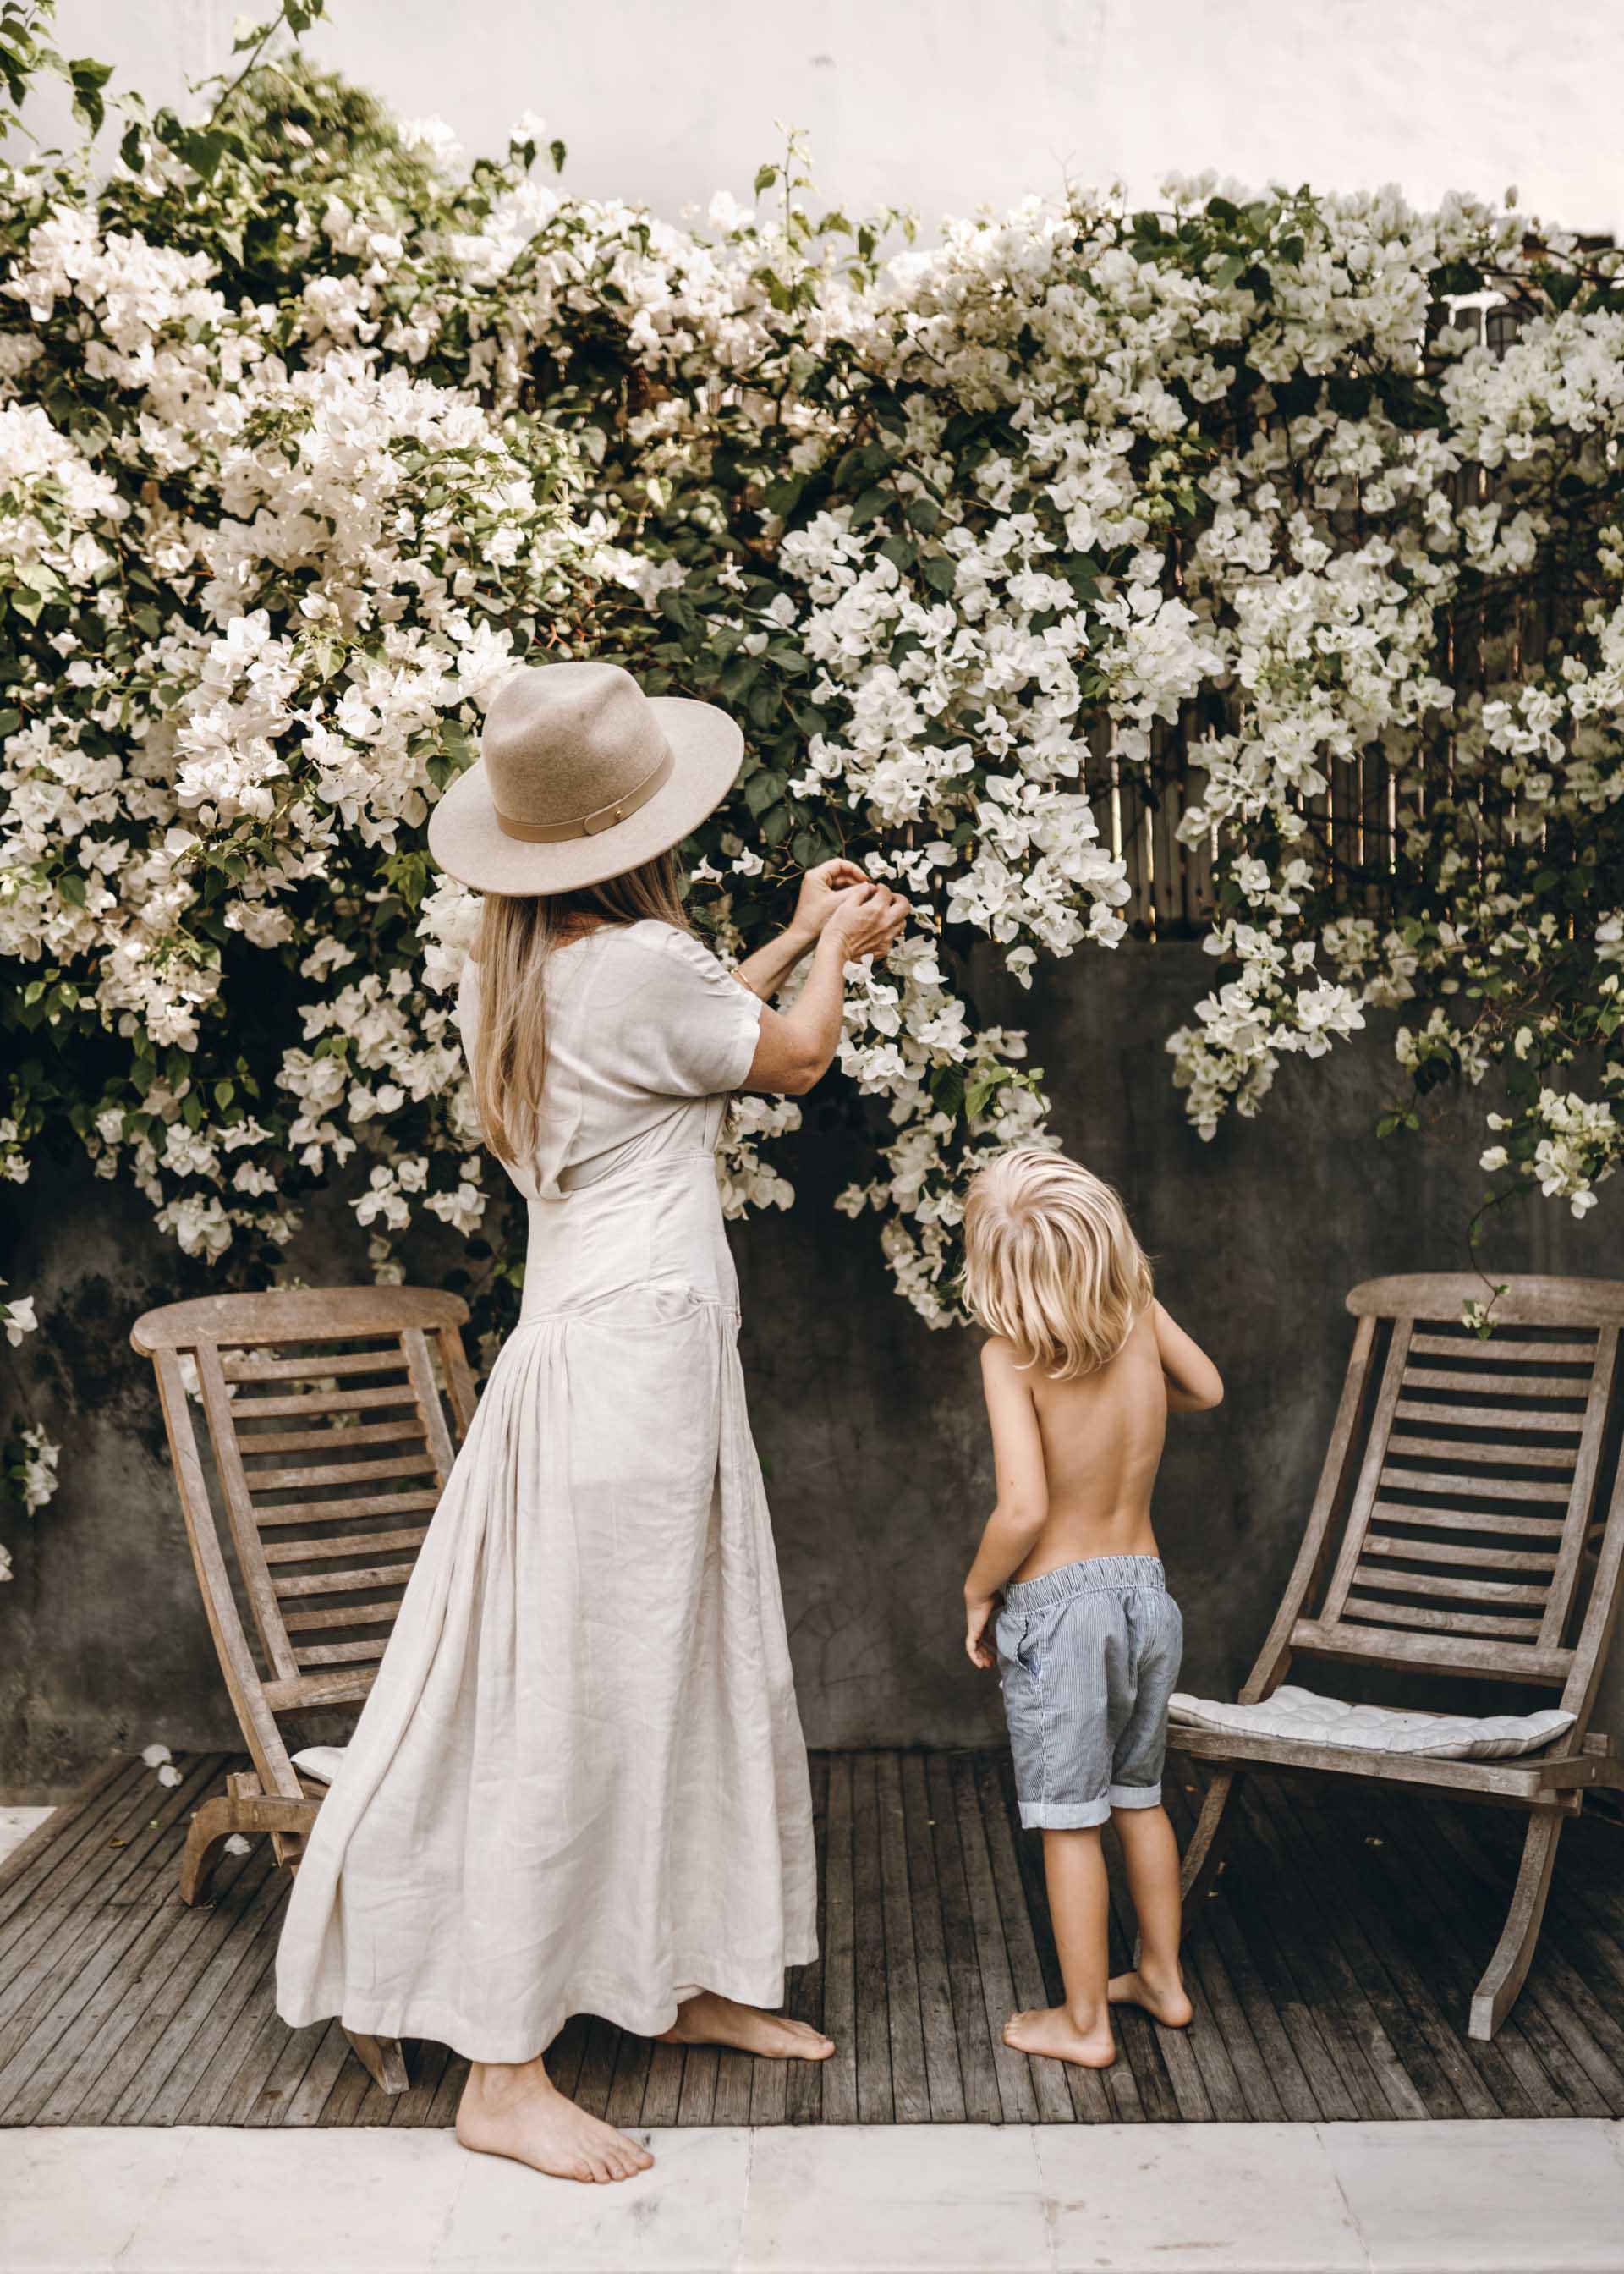 keira-mason-bird-and-kite-mum-and-son-picking-flowers.jpg